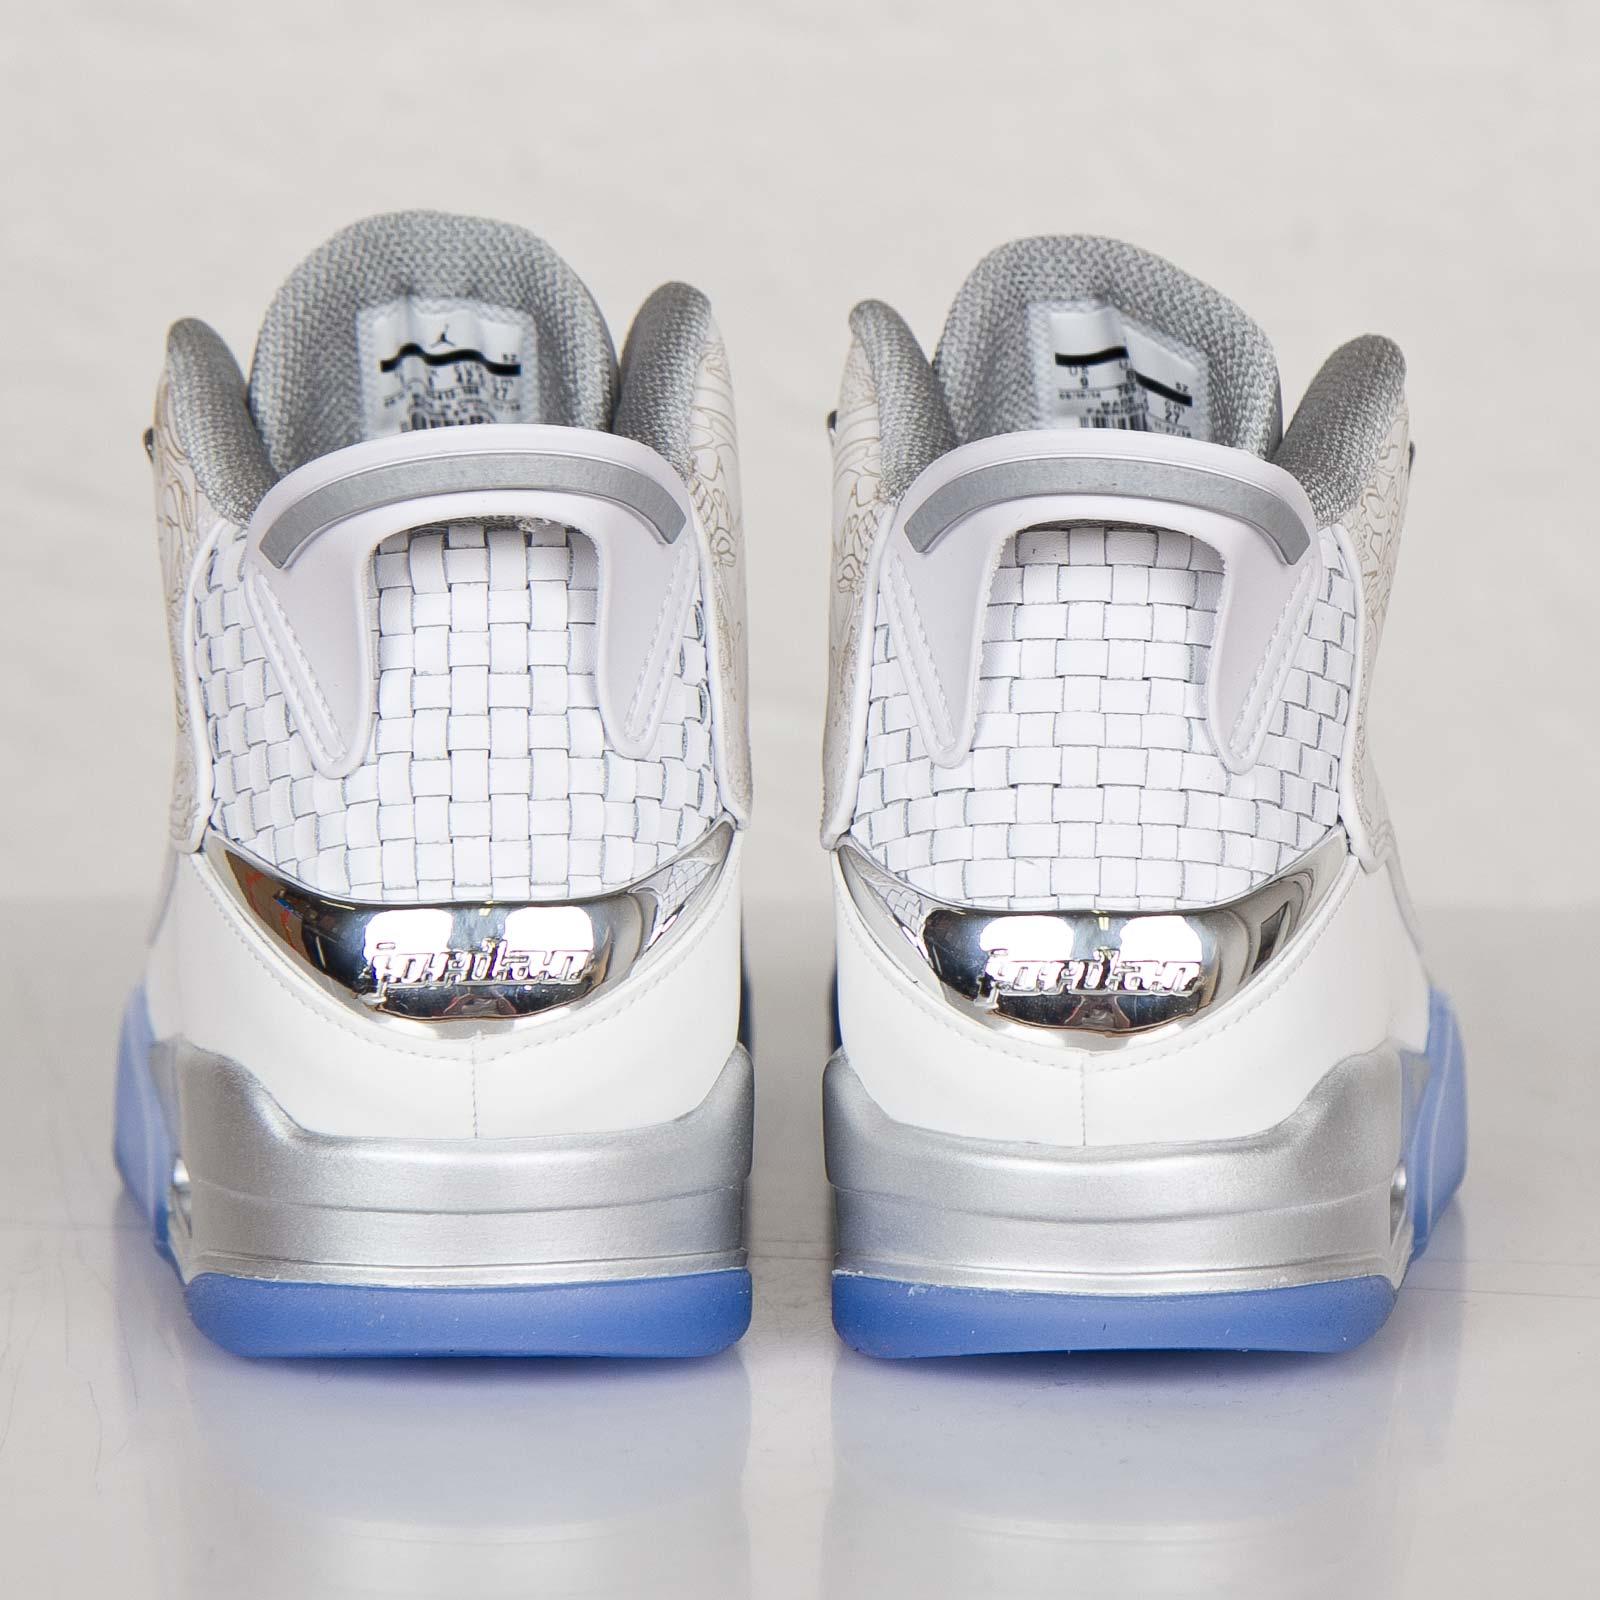 64afa44b13 Jordan Brand Air Jordan Dub Zero Laser - 705413-100 - Sneakersnstuff |  sneakers & streetwear online since 1999